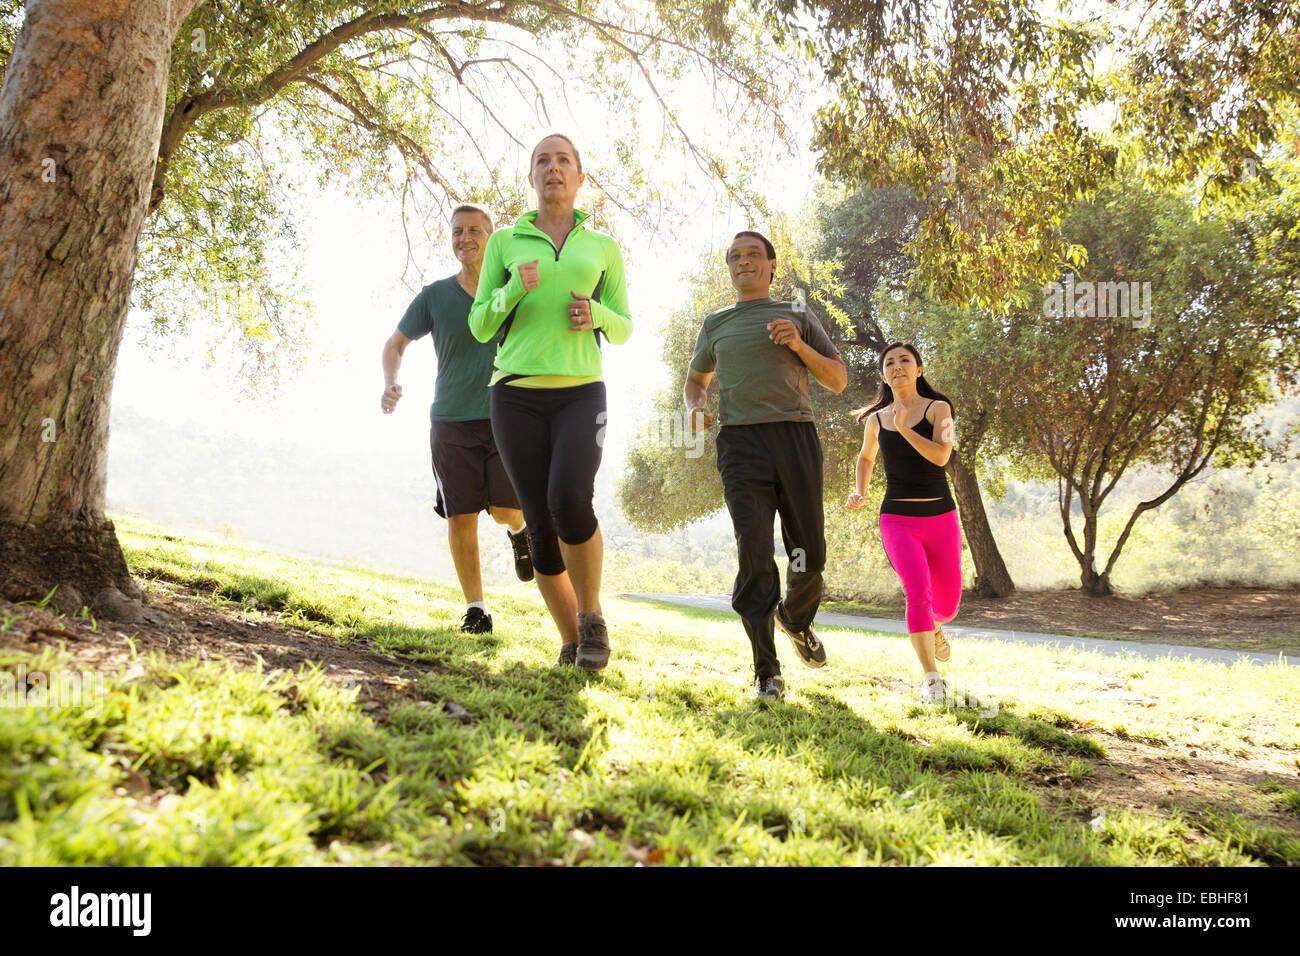 Vier reife Männer und Frauen laufen im park Stockbild